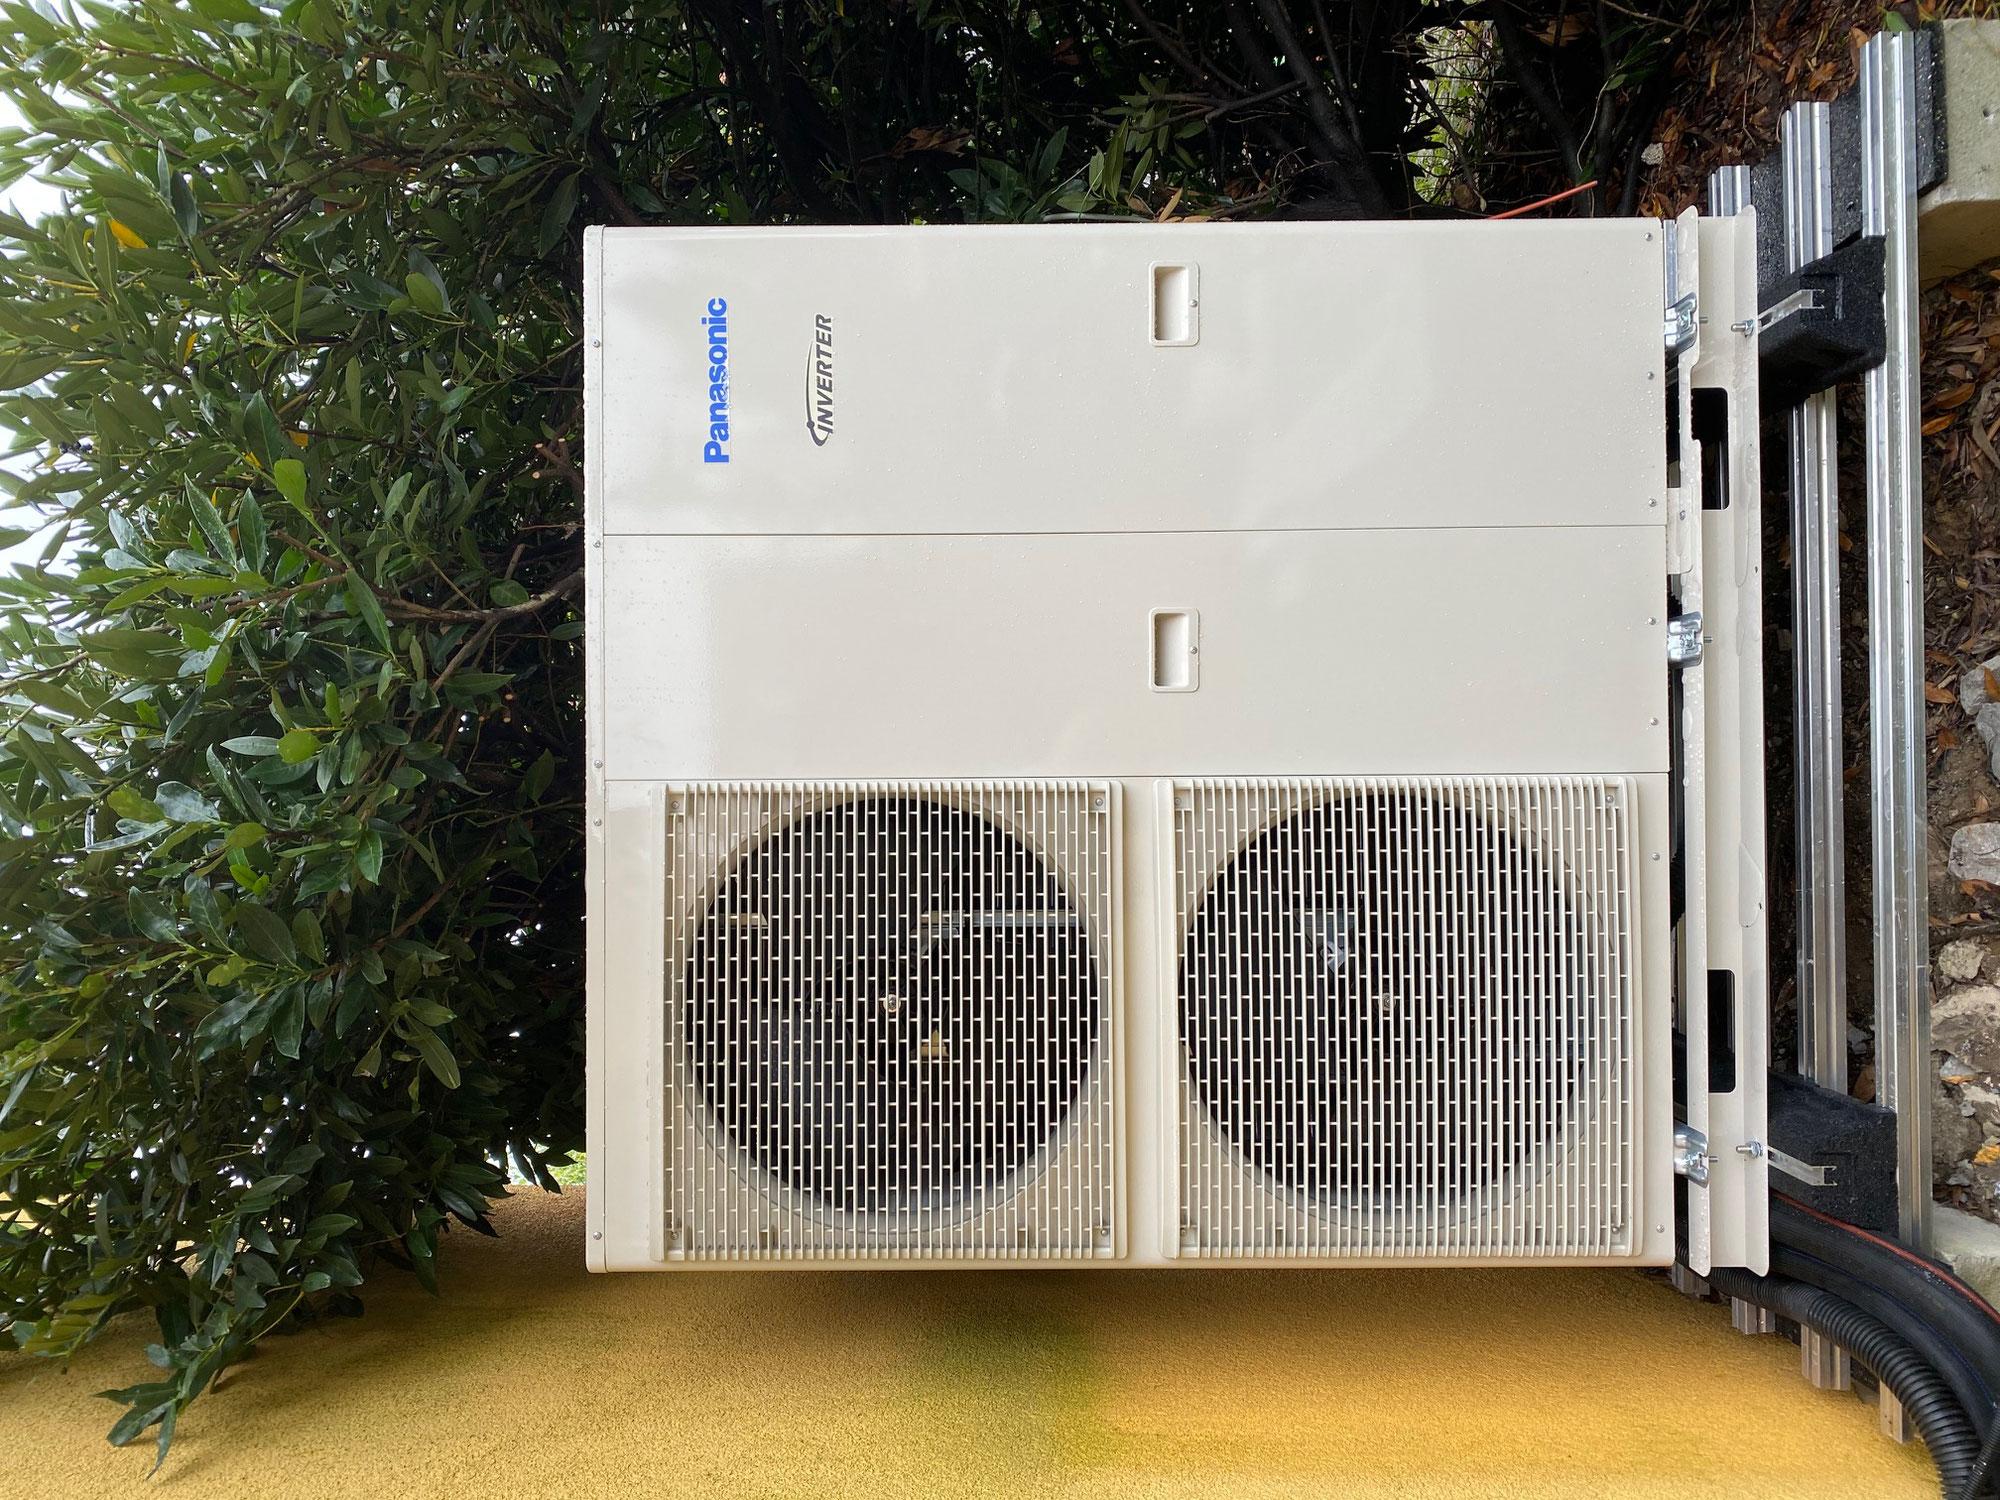 Wärmepumpe und Photovoltaik in Bayreuth